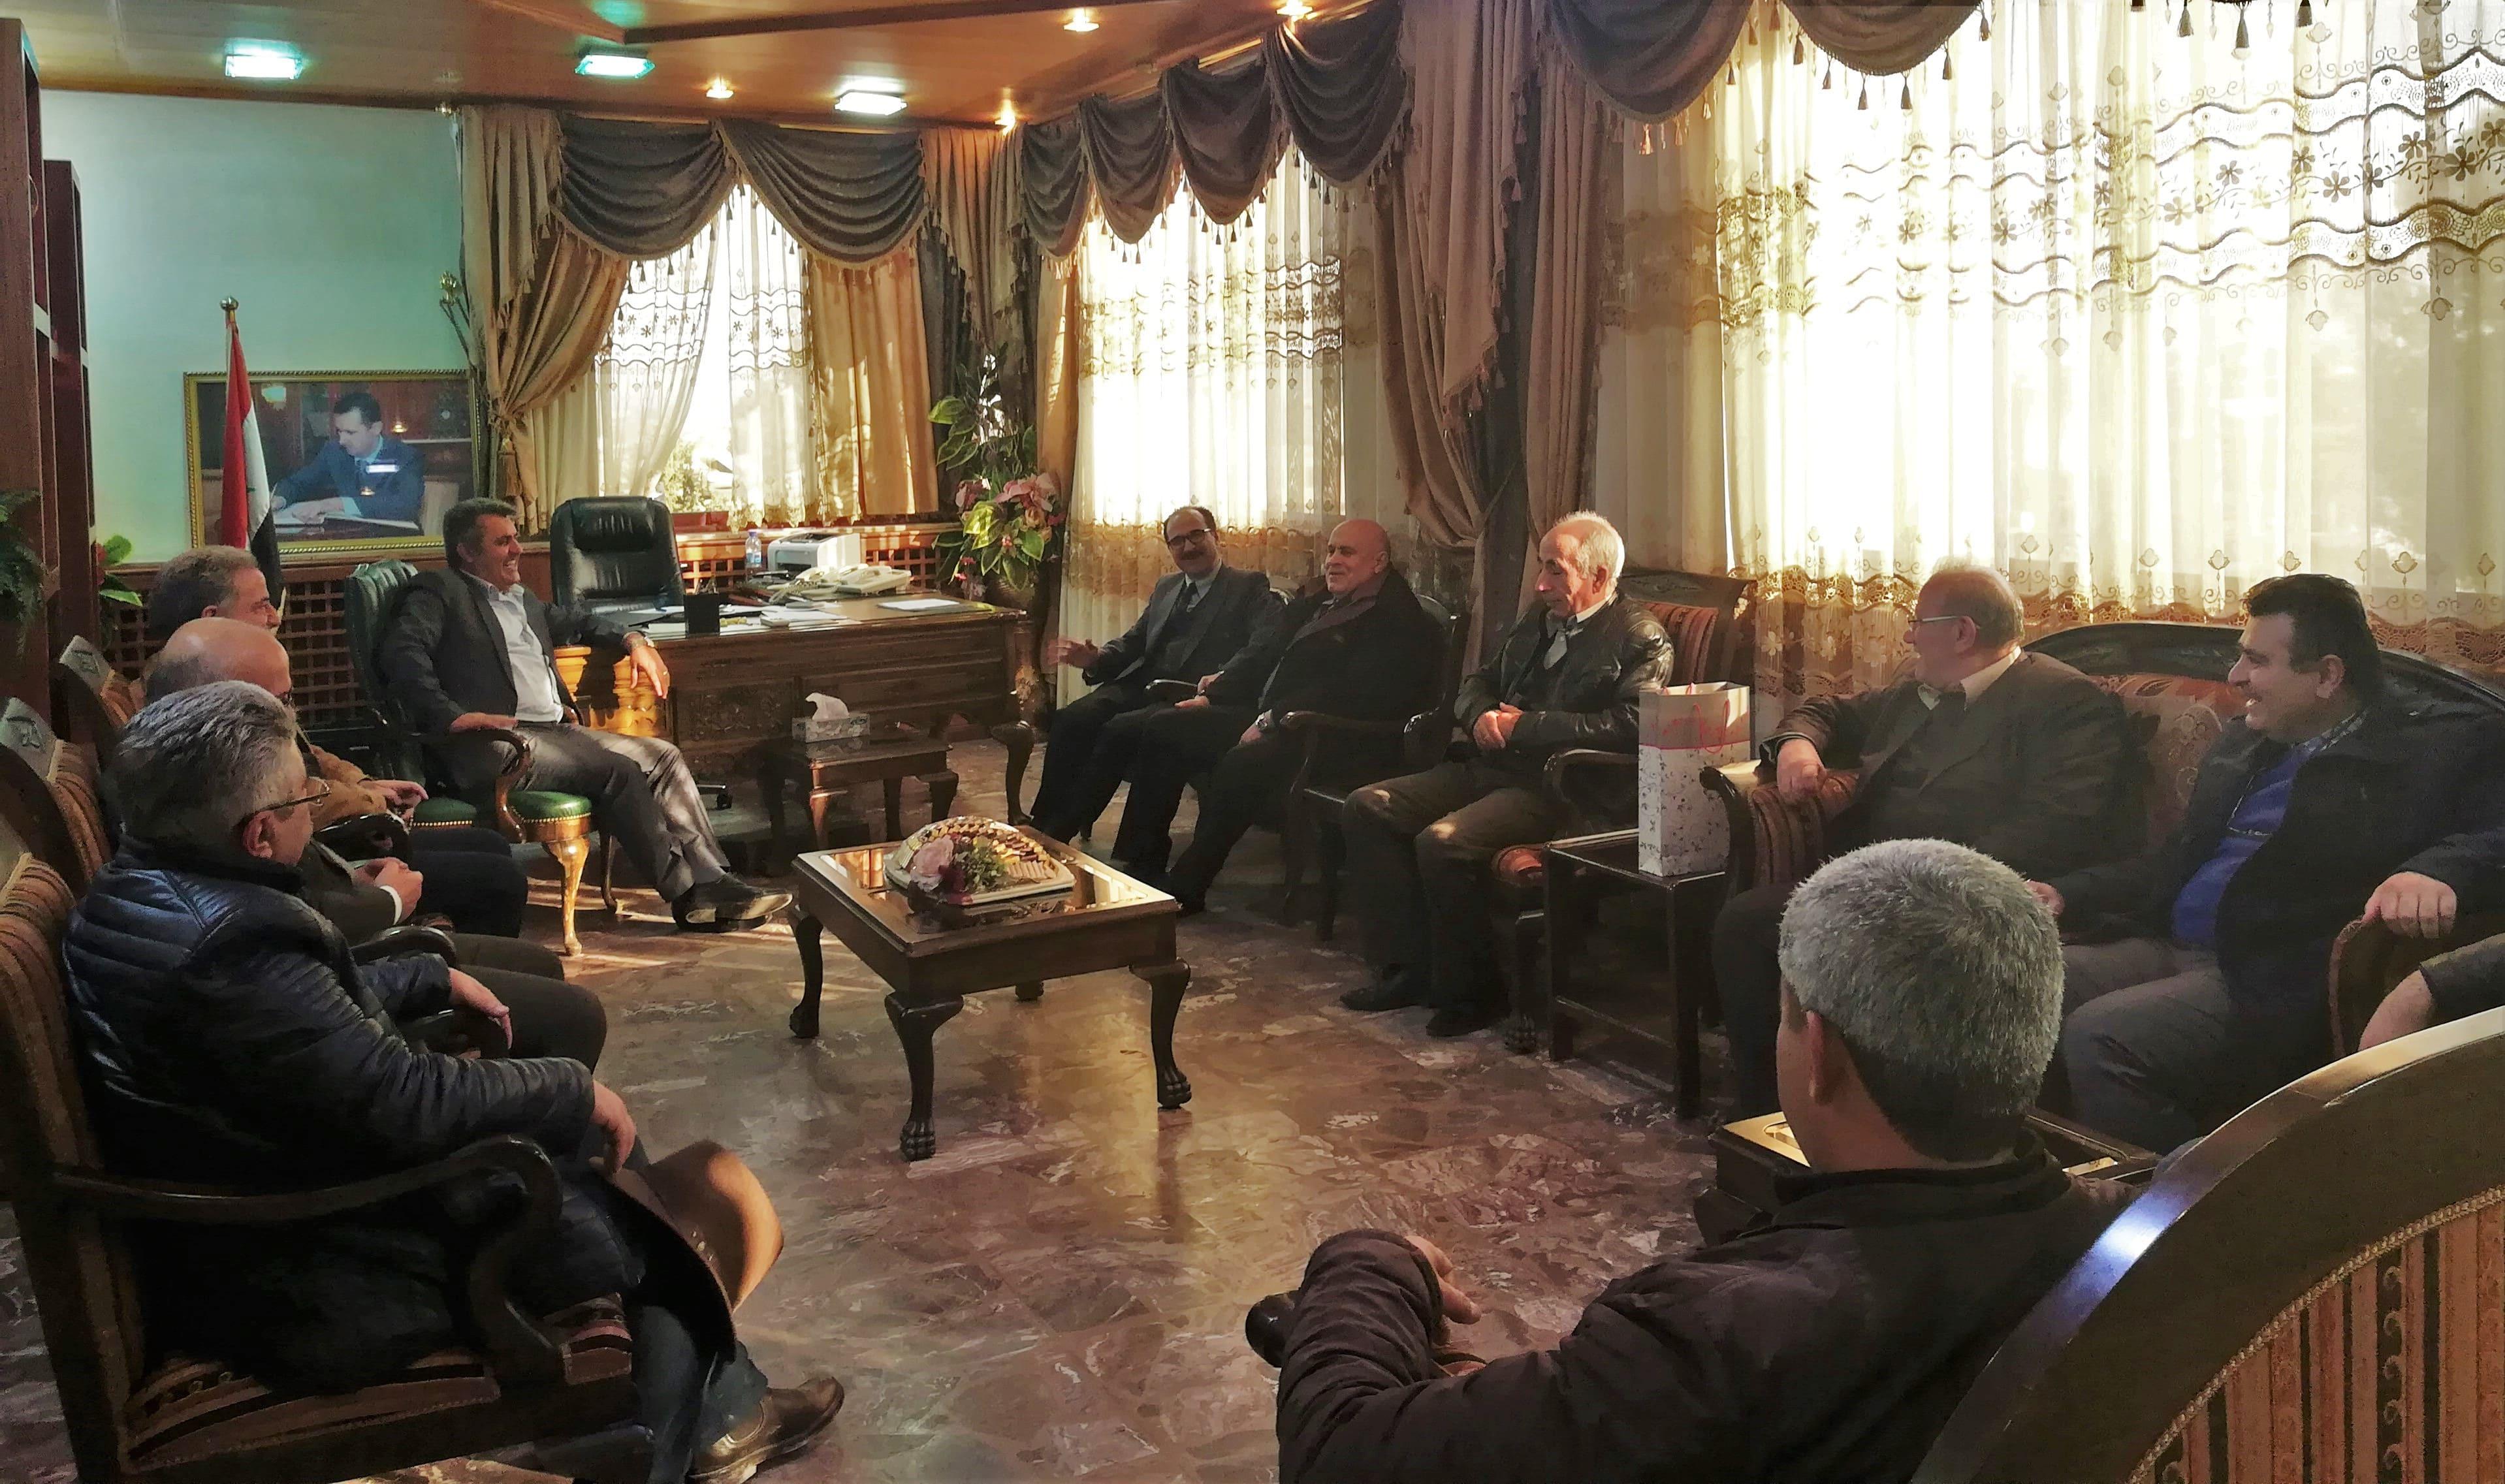 ... جامعة حماه والشركة العامة للطرق والجسور إلى مزيد من التعاون